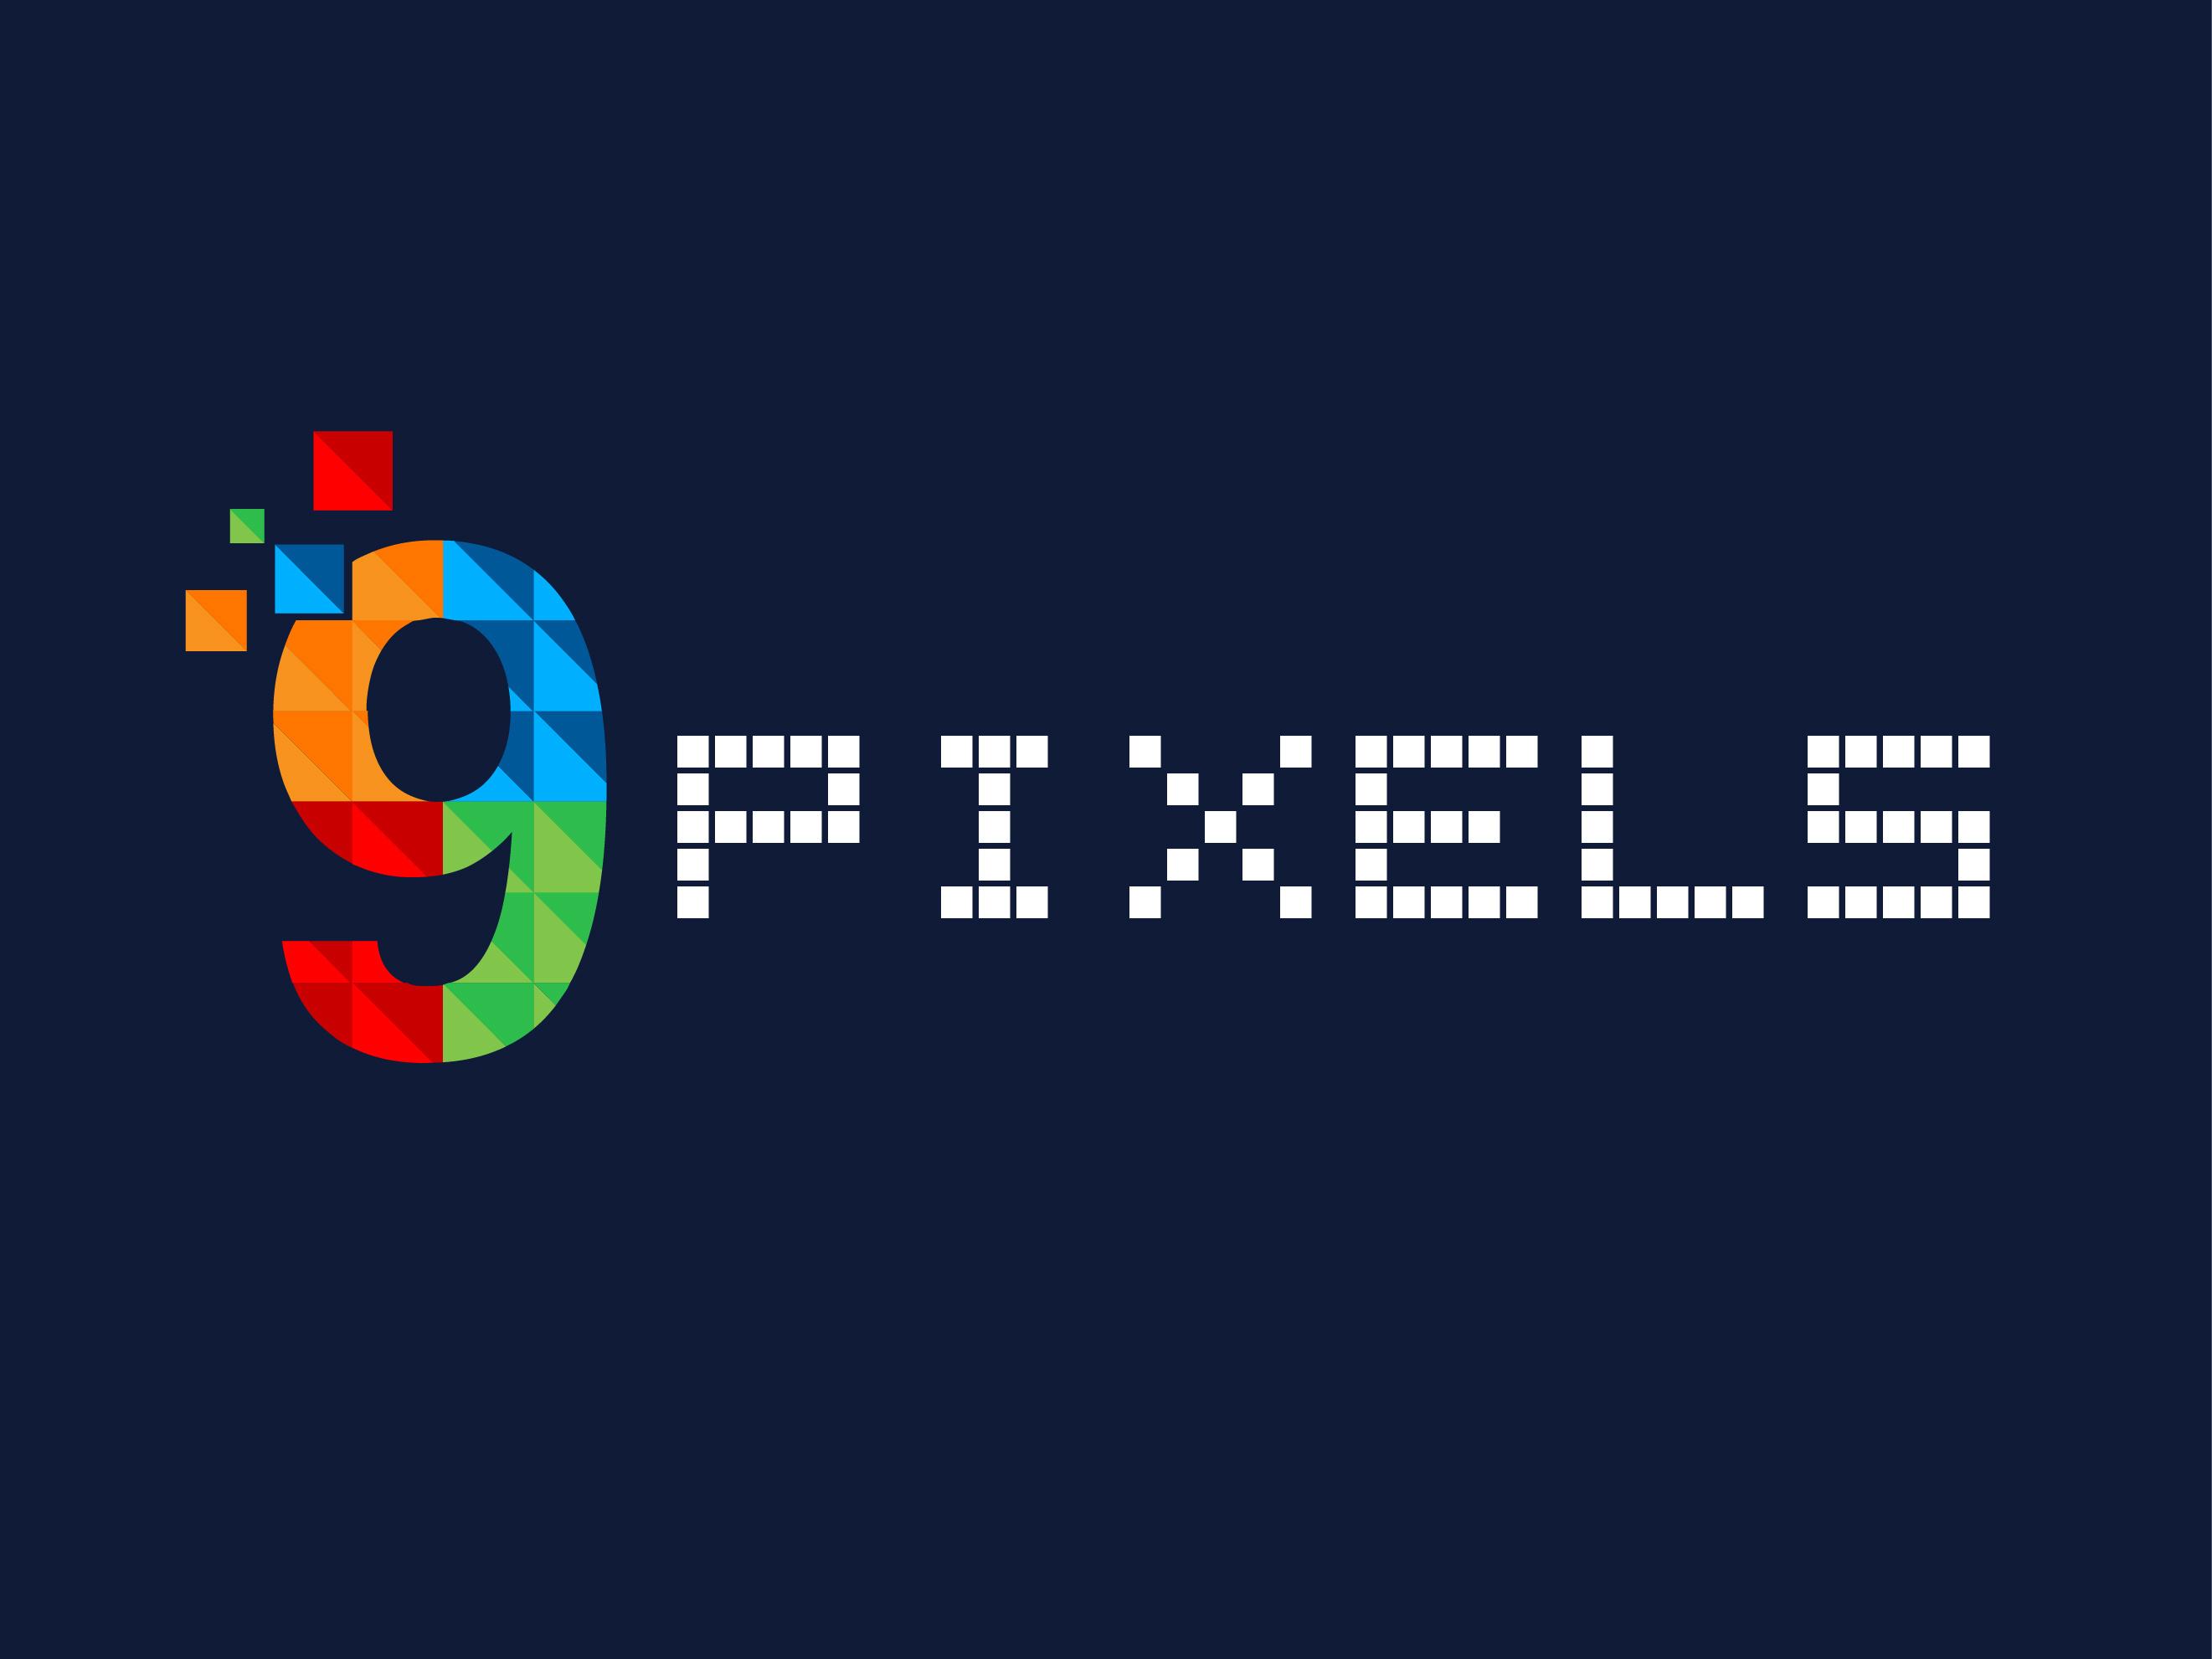 Pixels Logo 1 by GHULAM MUSTAFA on Dribbble.